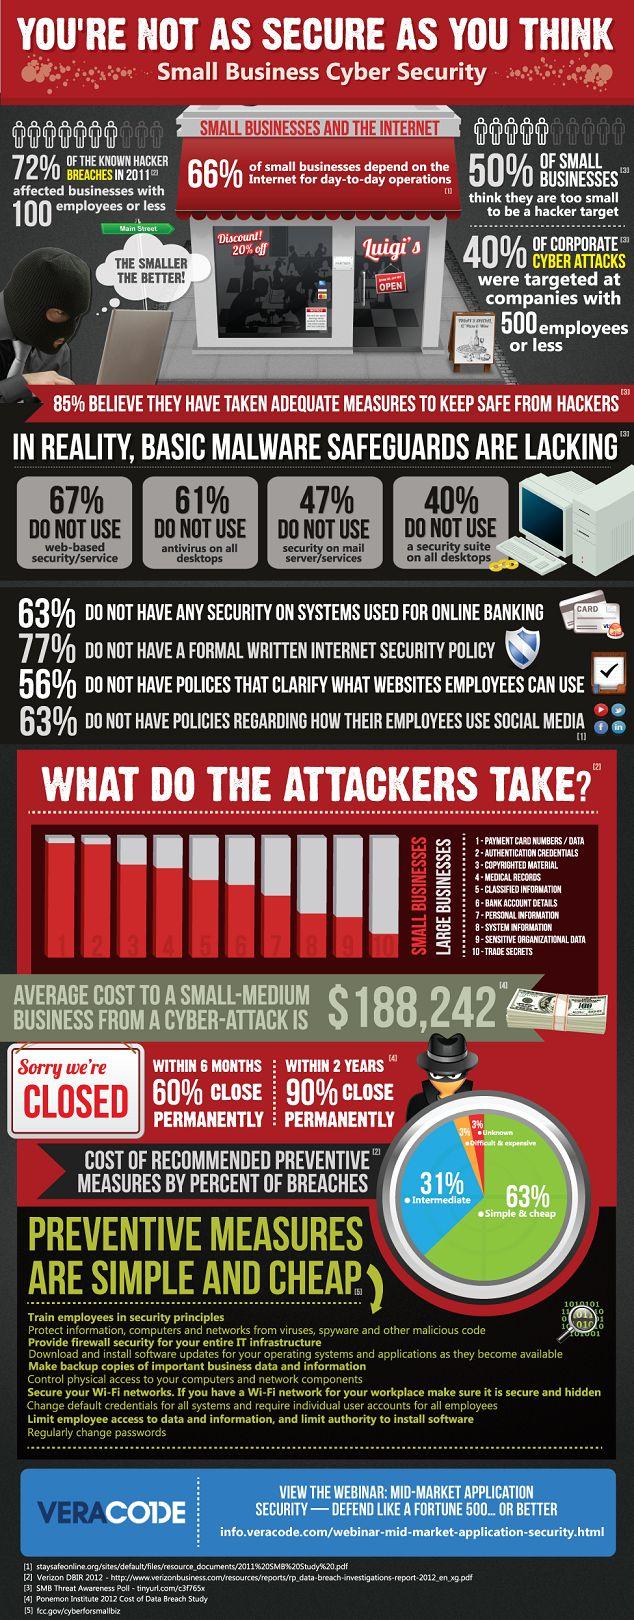 Online Security Information Media, social media